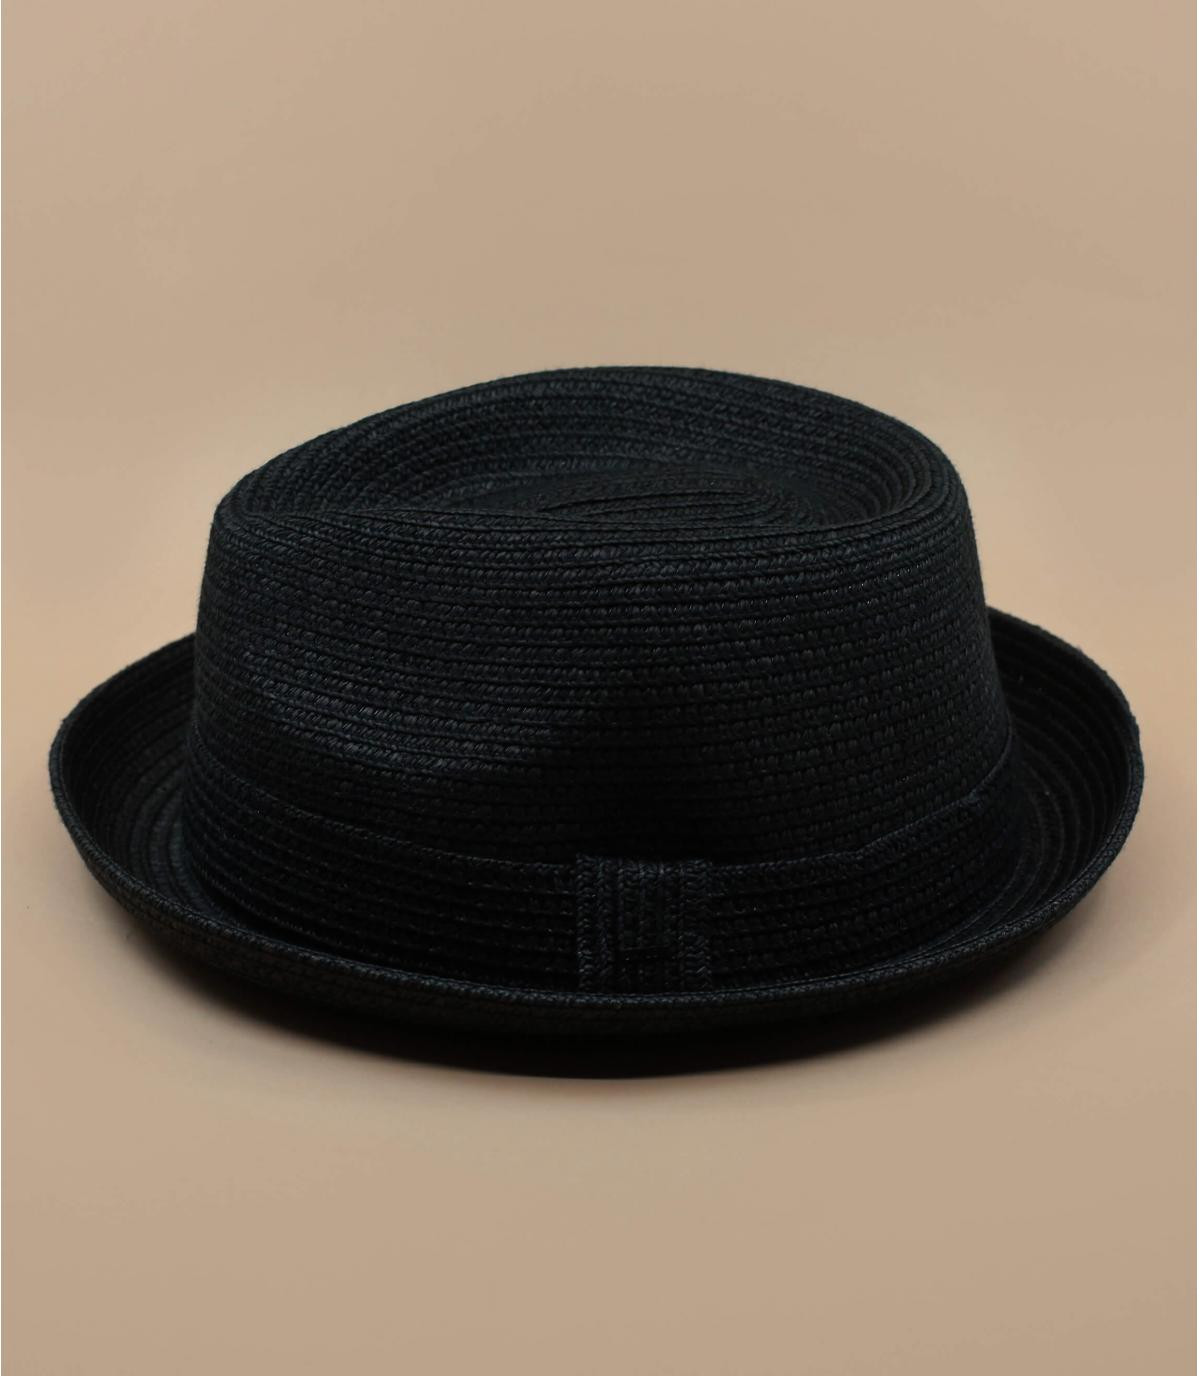 Details Billy schwarzer Hut - Abbildung 2